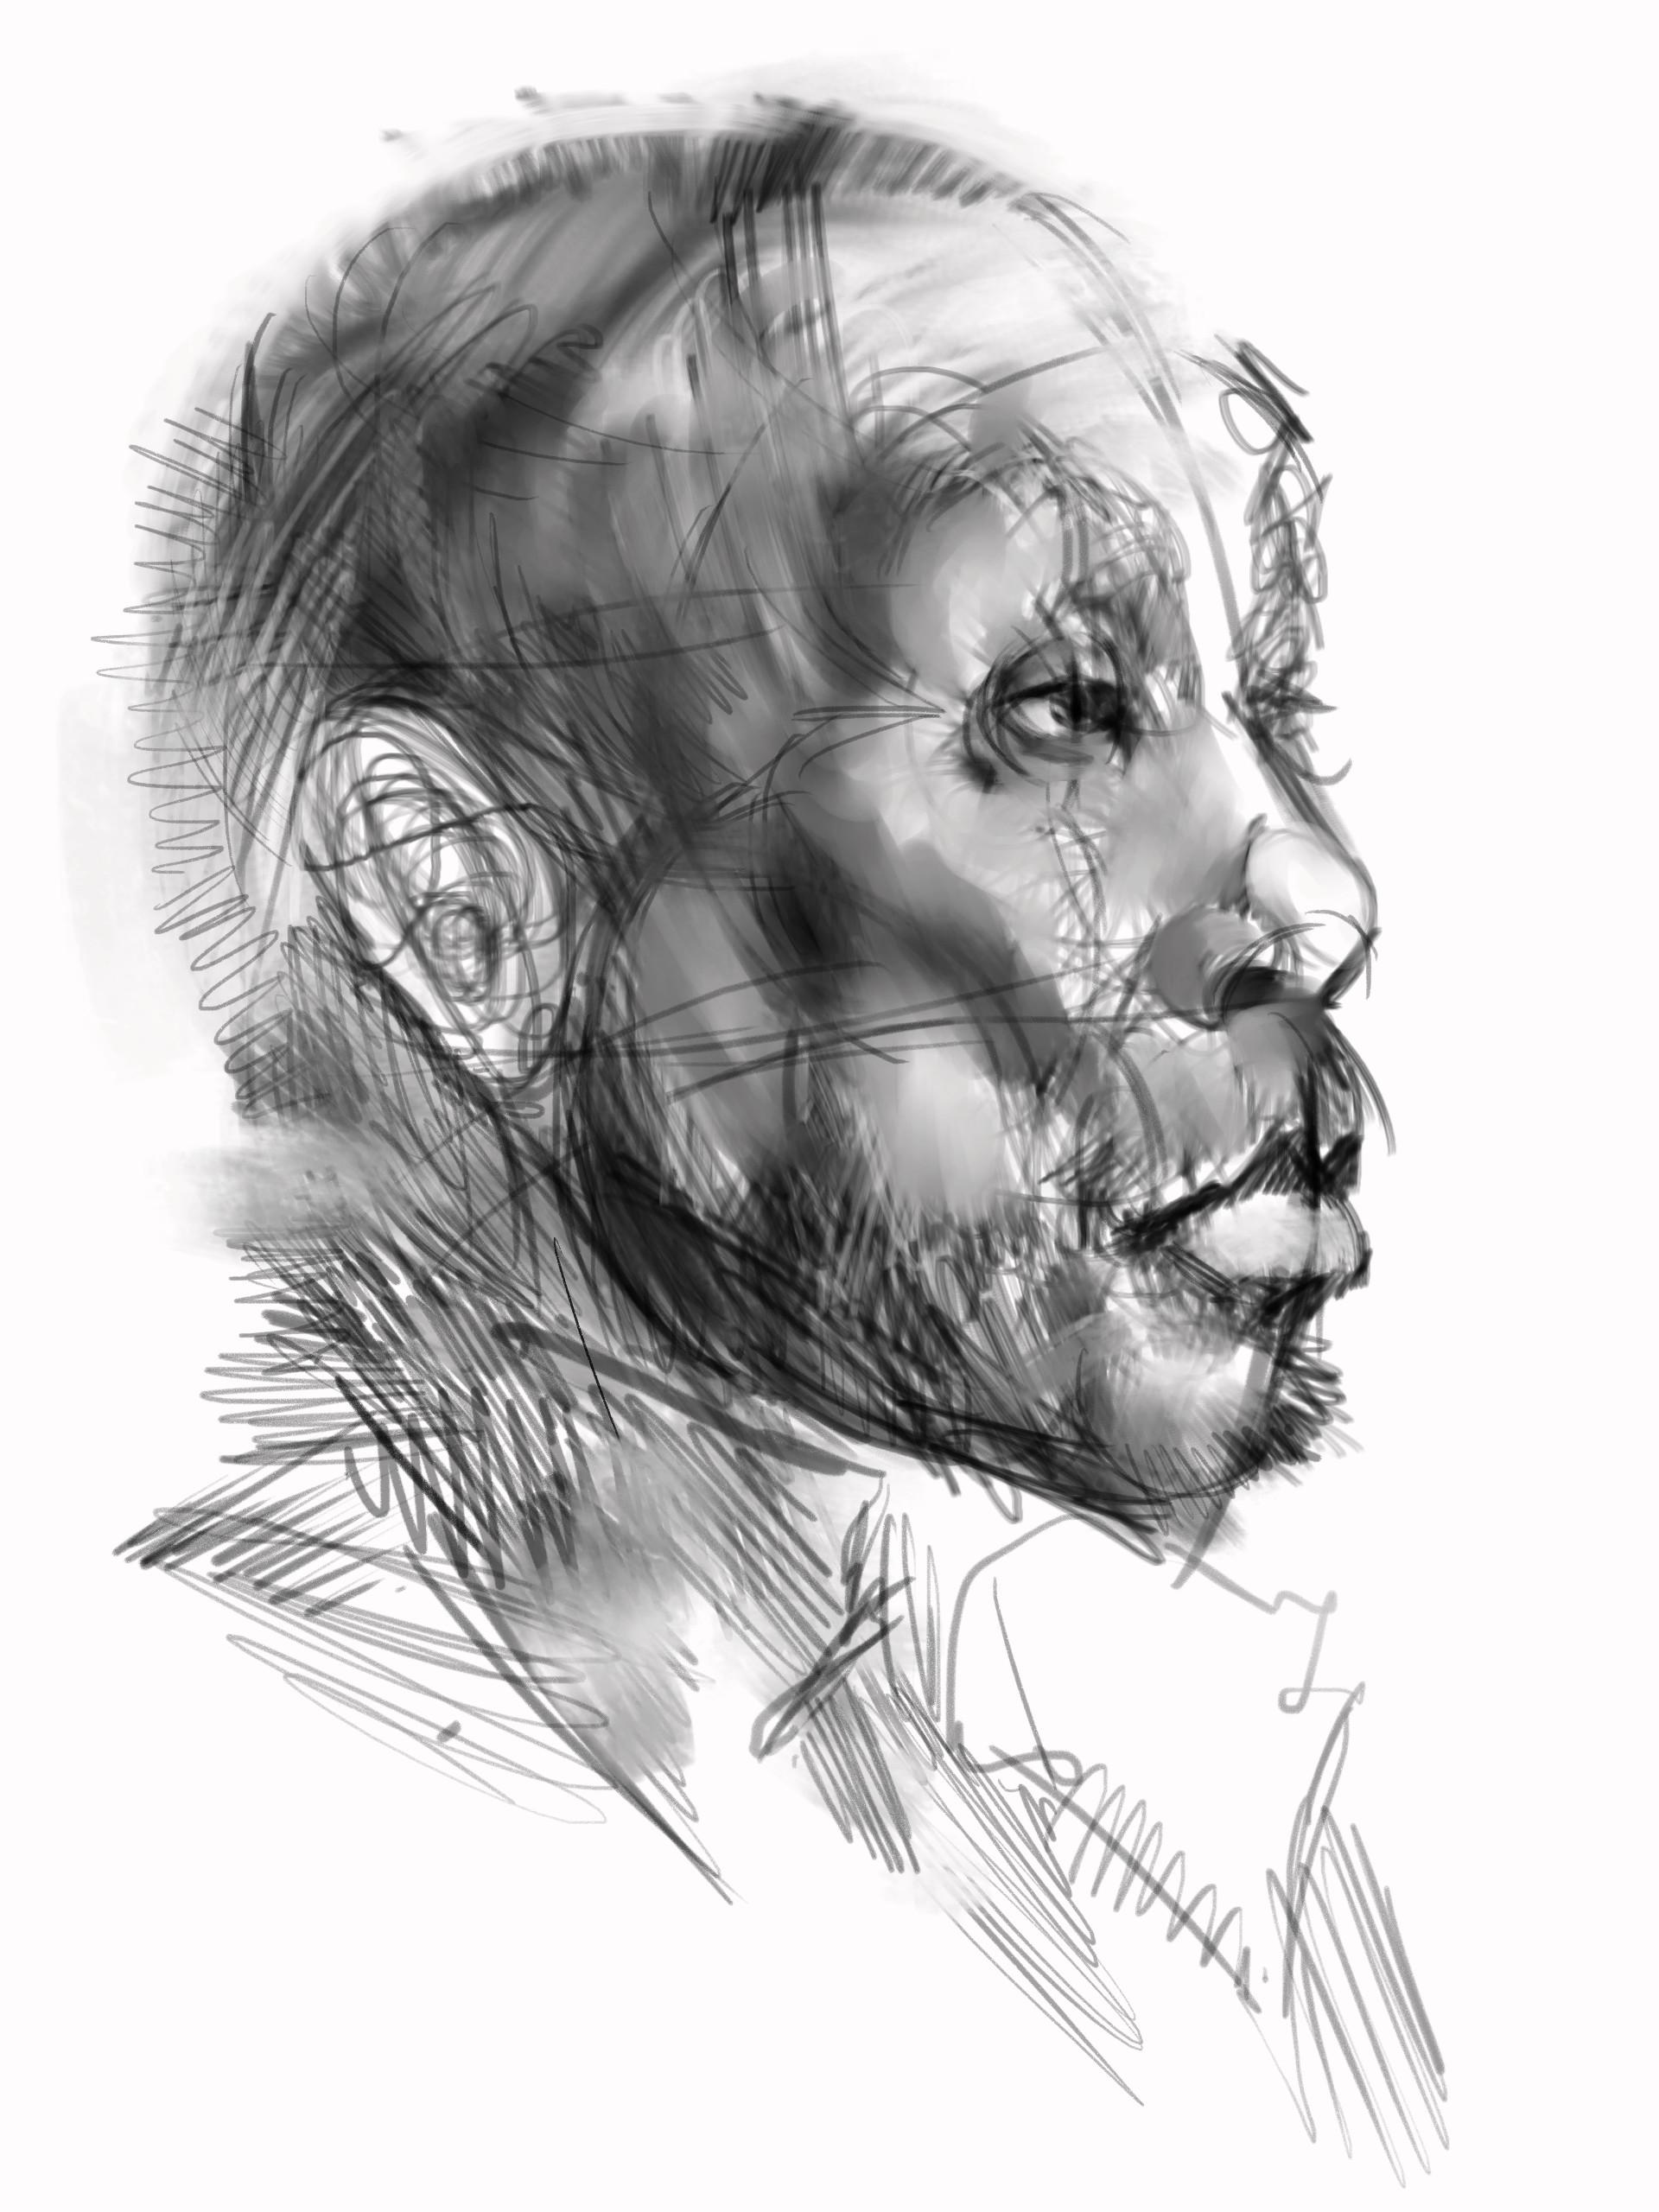 Szilagyi szilard sketch